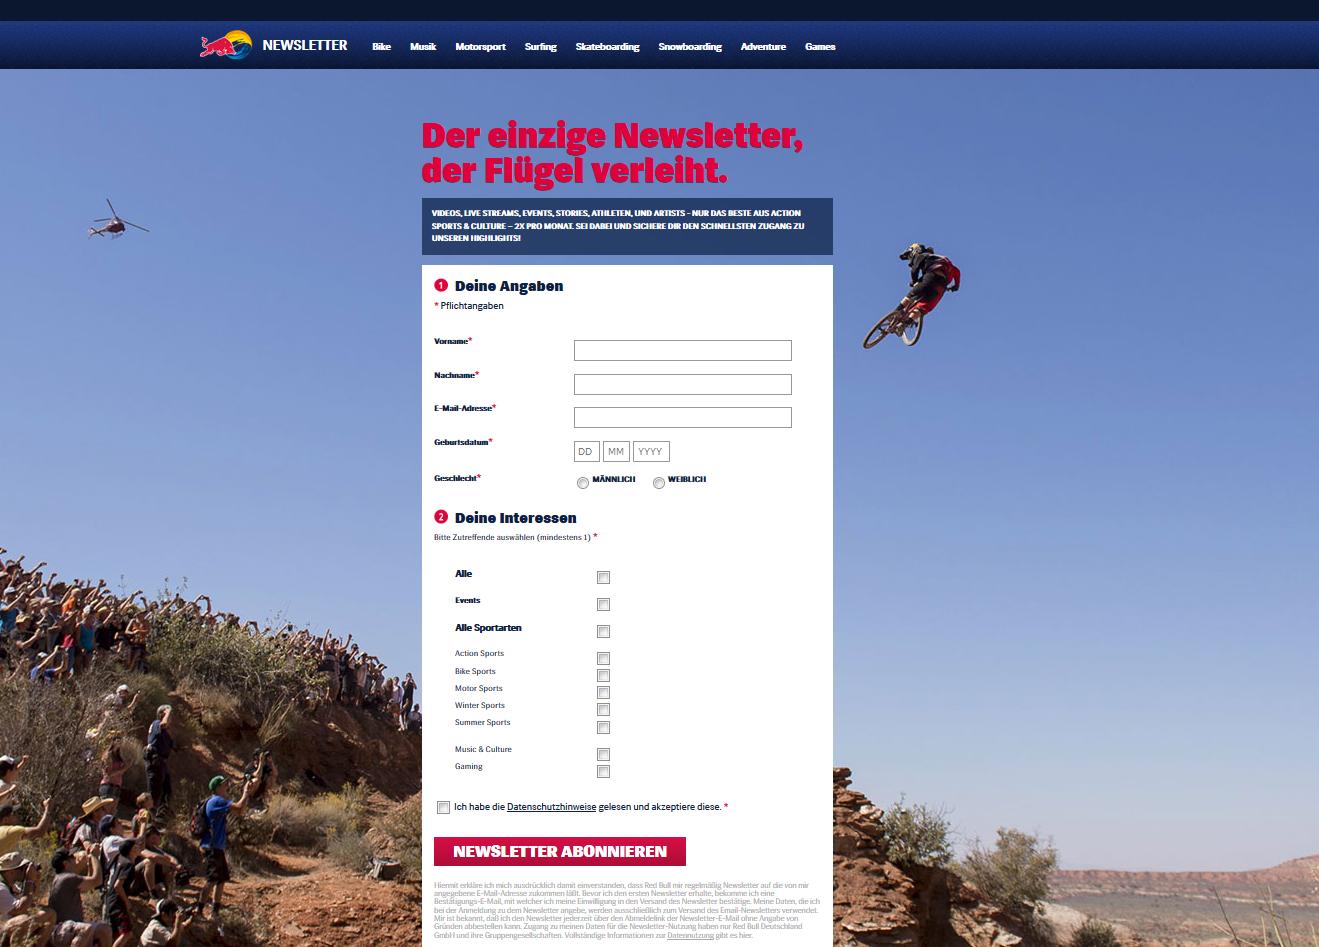 RedBull-Landing-Page